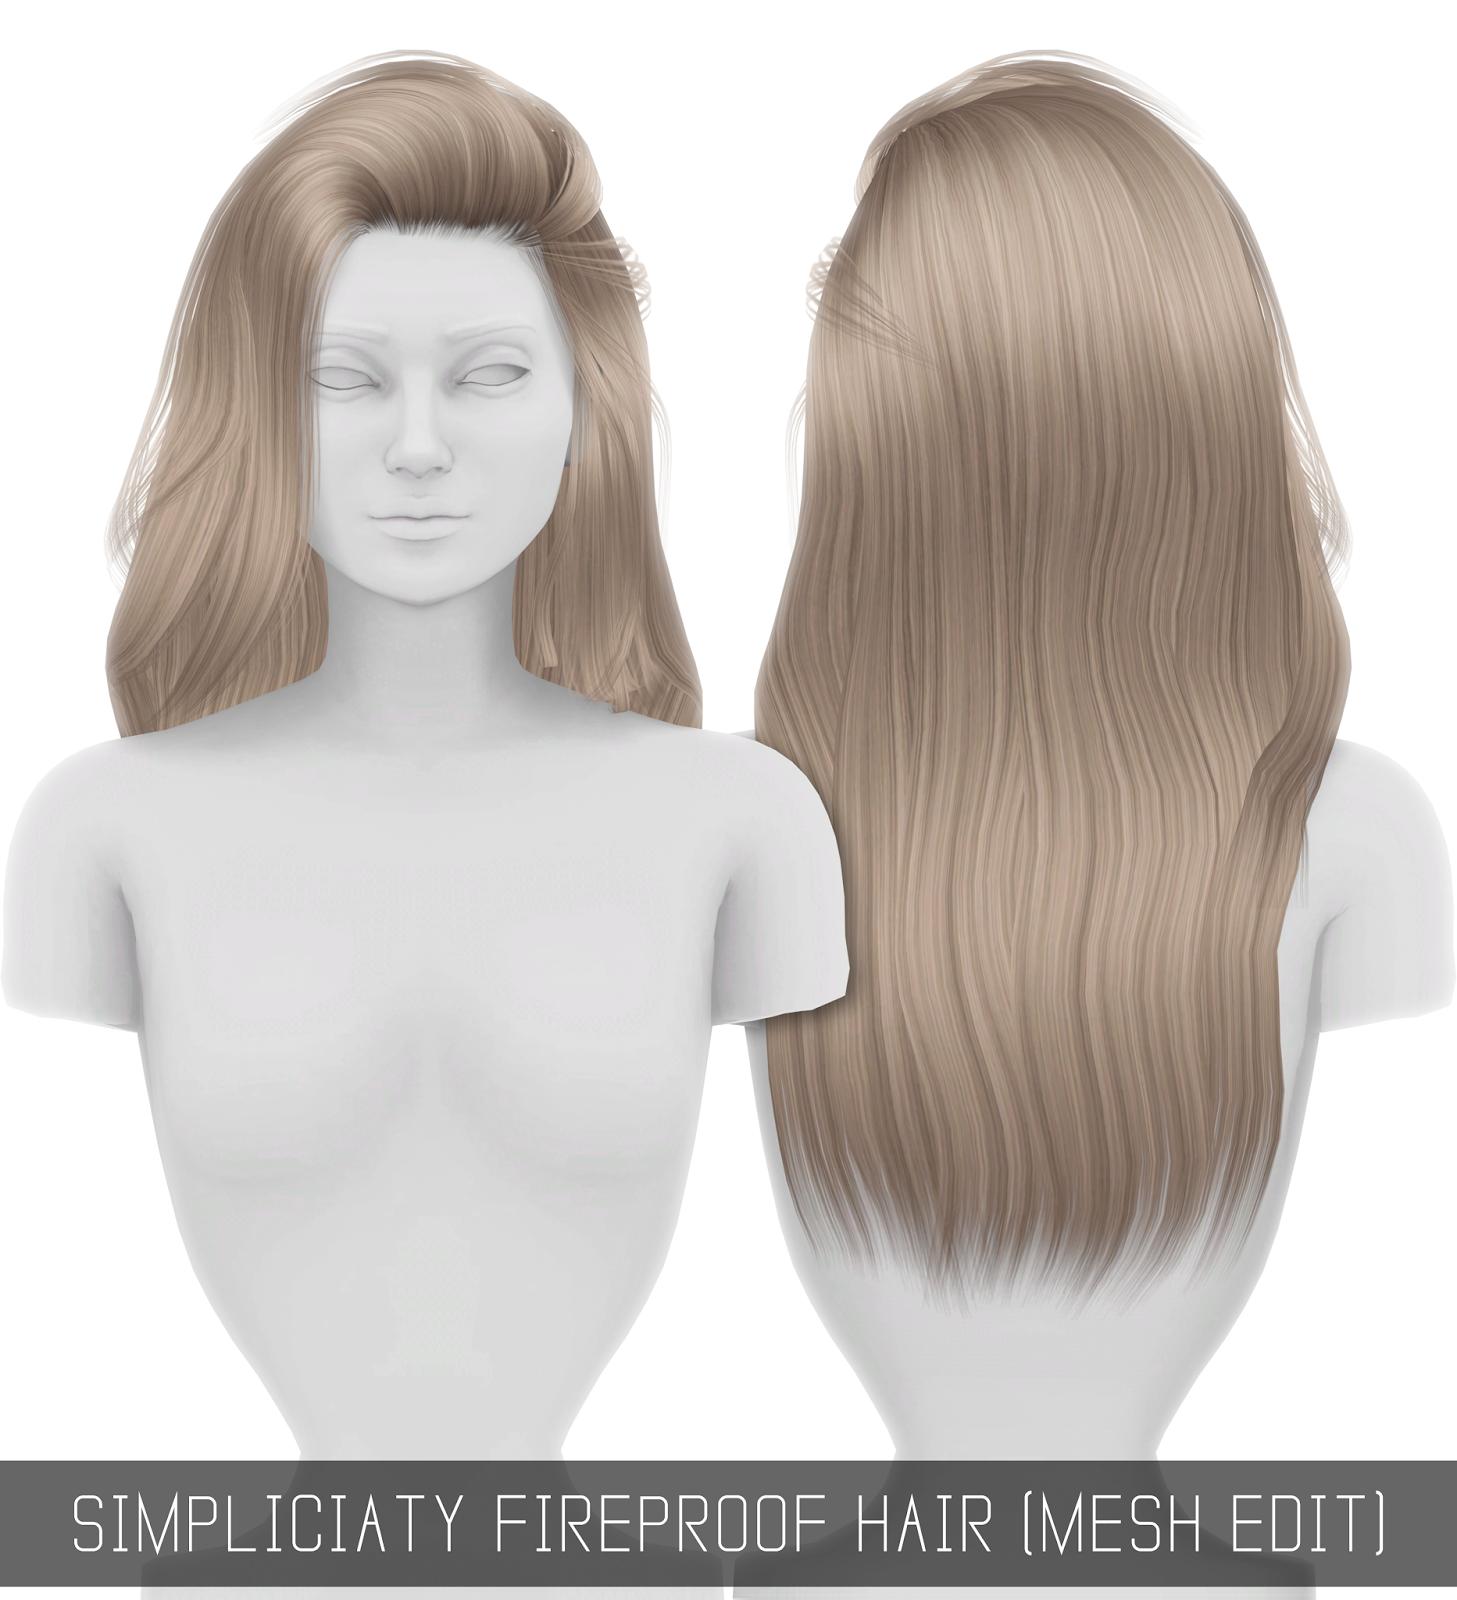 Completamente imperfecto mods sims 4 peinados Galería de cortes de pelo estilo - Pin de 𝖘 en Sims 4 Alpha CC | Sims, Sims 4, Pelo de mujer